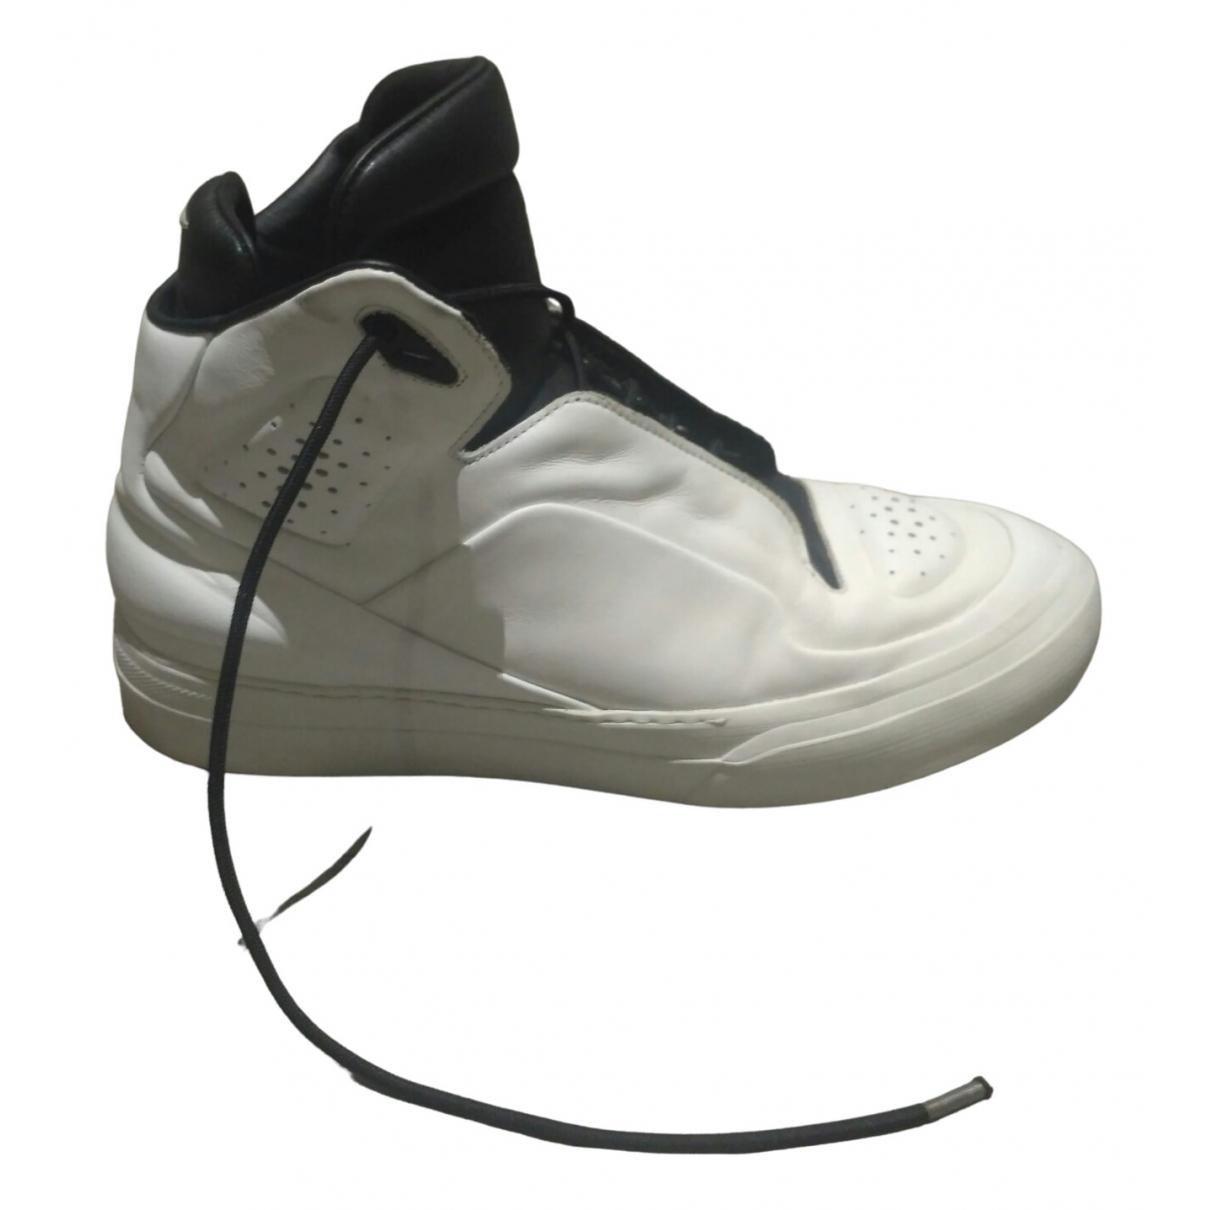 Maison Martin Margiela - Baskets   pour homme en cuir - blanc